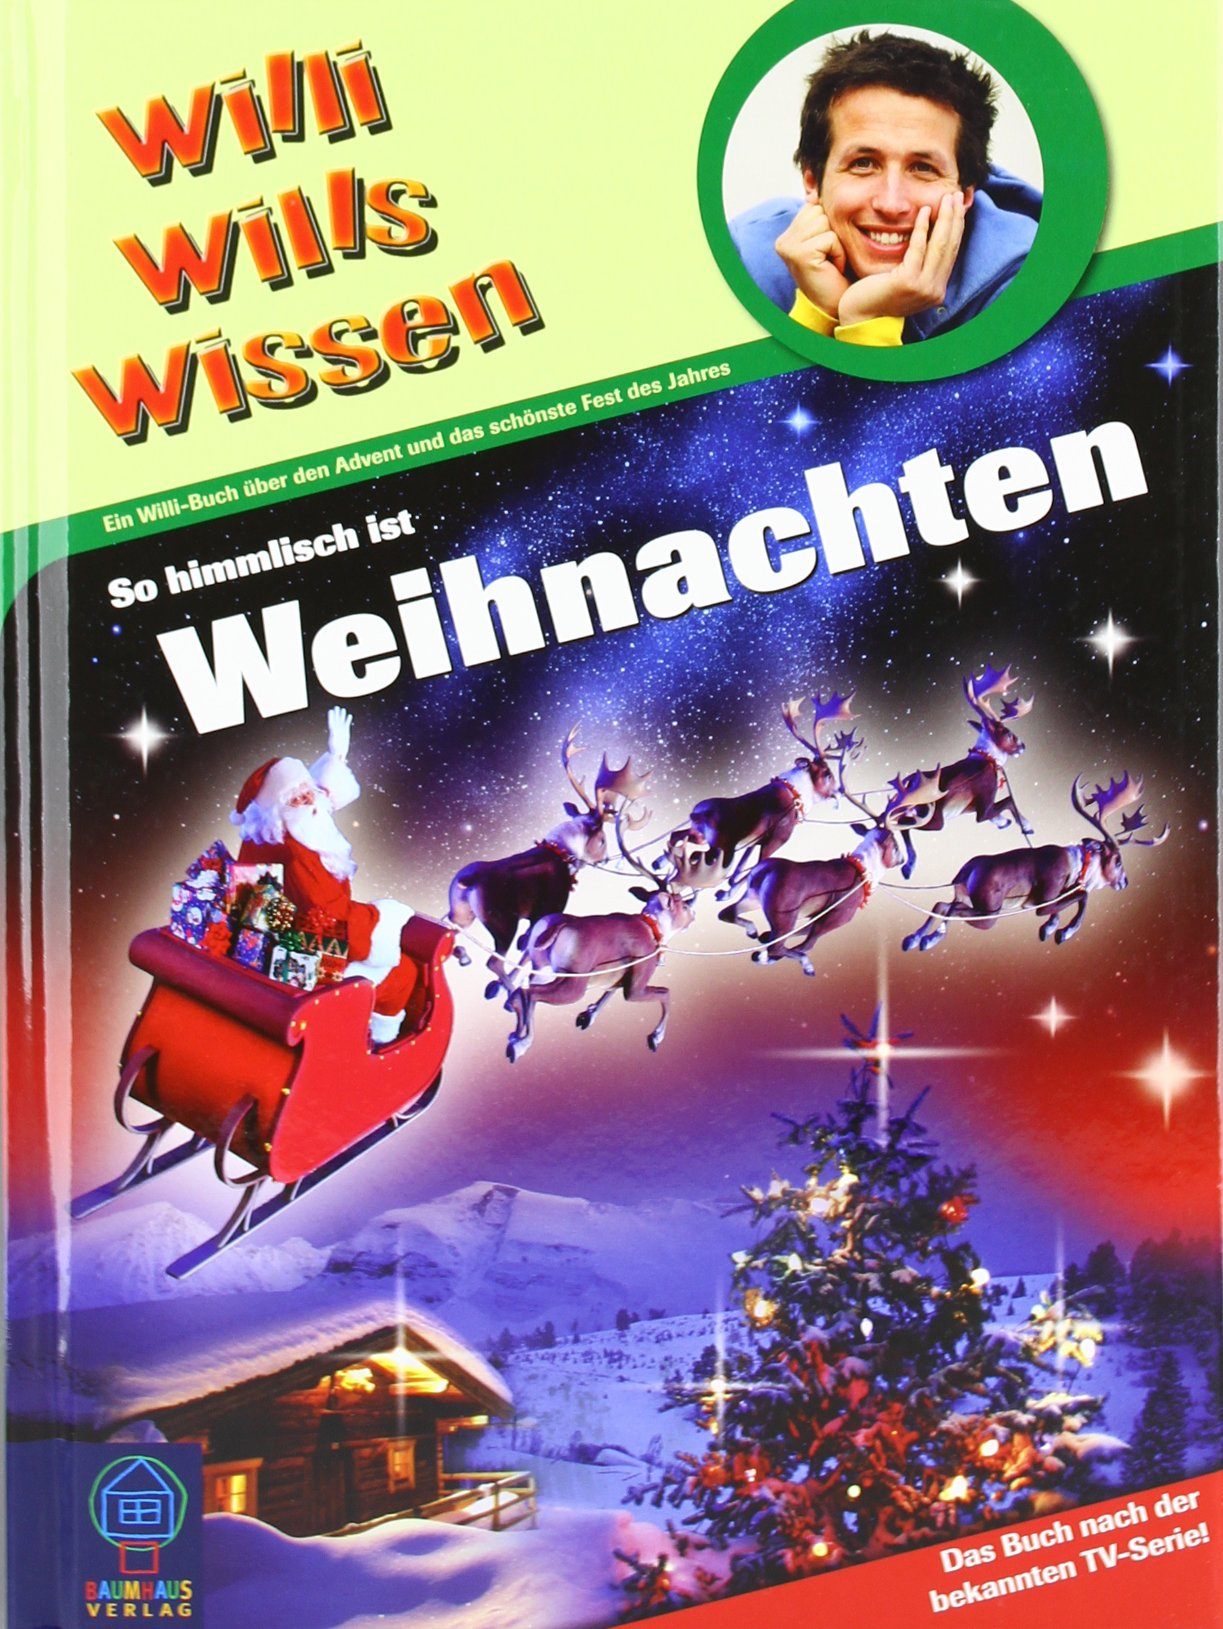 Willi wills wissen: So himmlisch ist Weihnachten